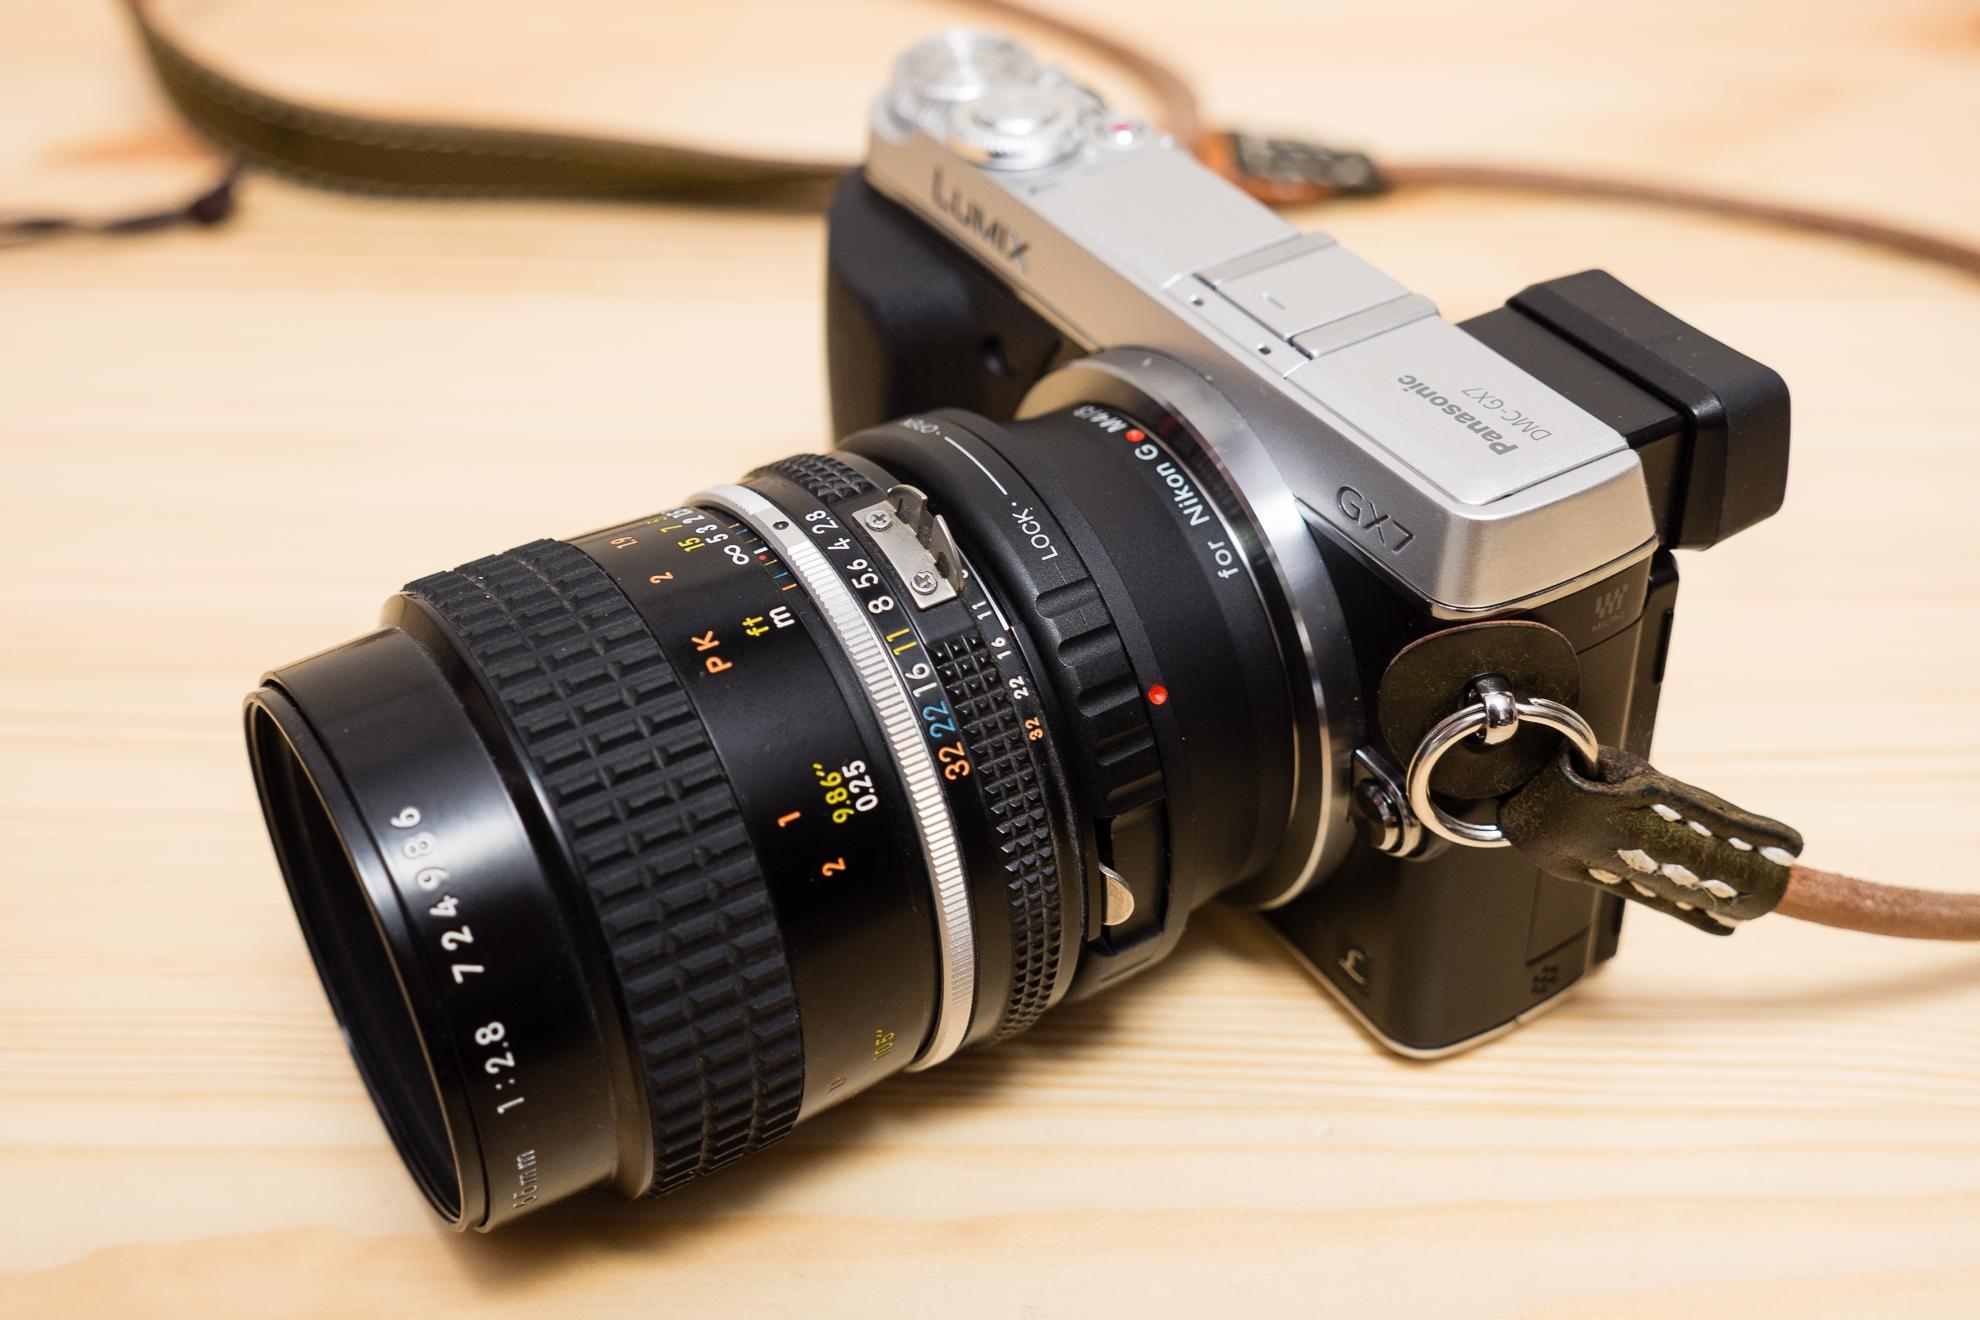 パナソニックのカメラ(GX-7)でマウントアダプターを使ってオールドレンズを使った撮影をする時の便利な設定方法